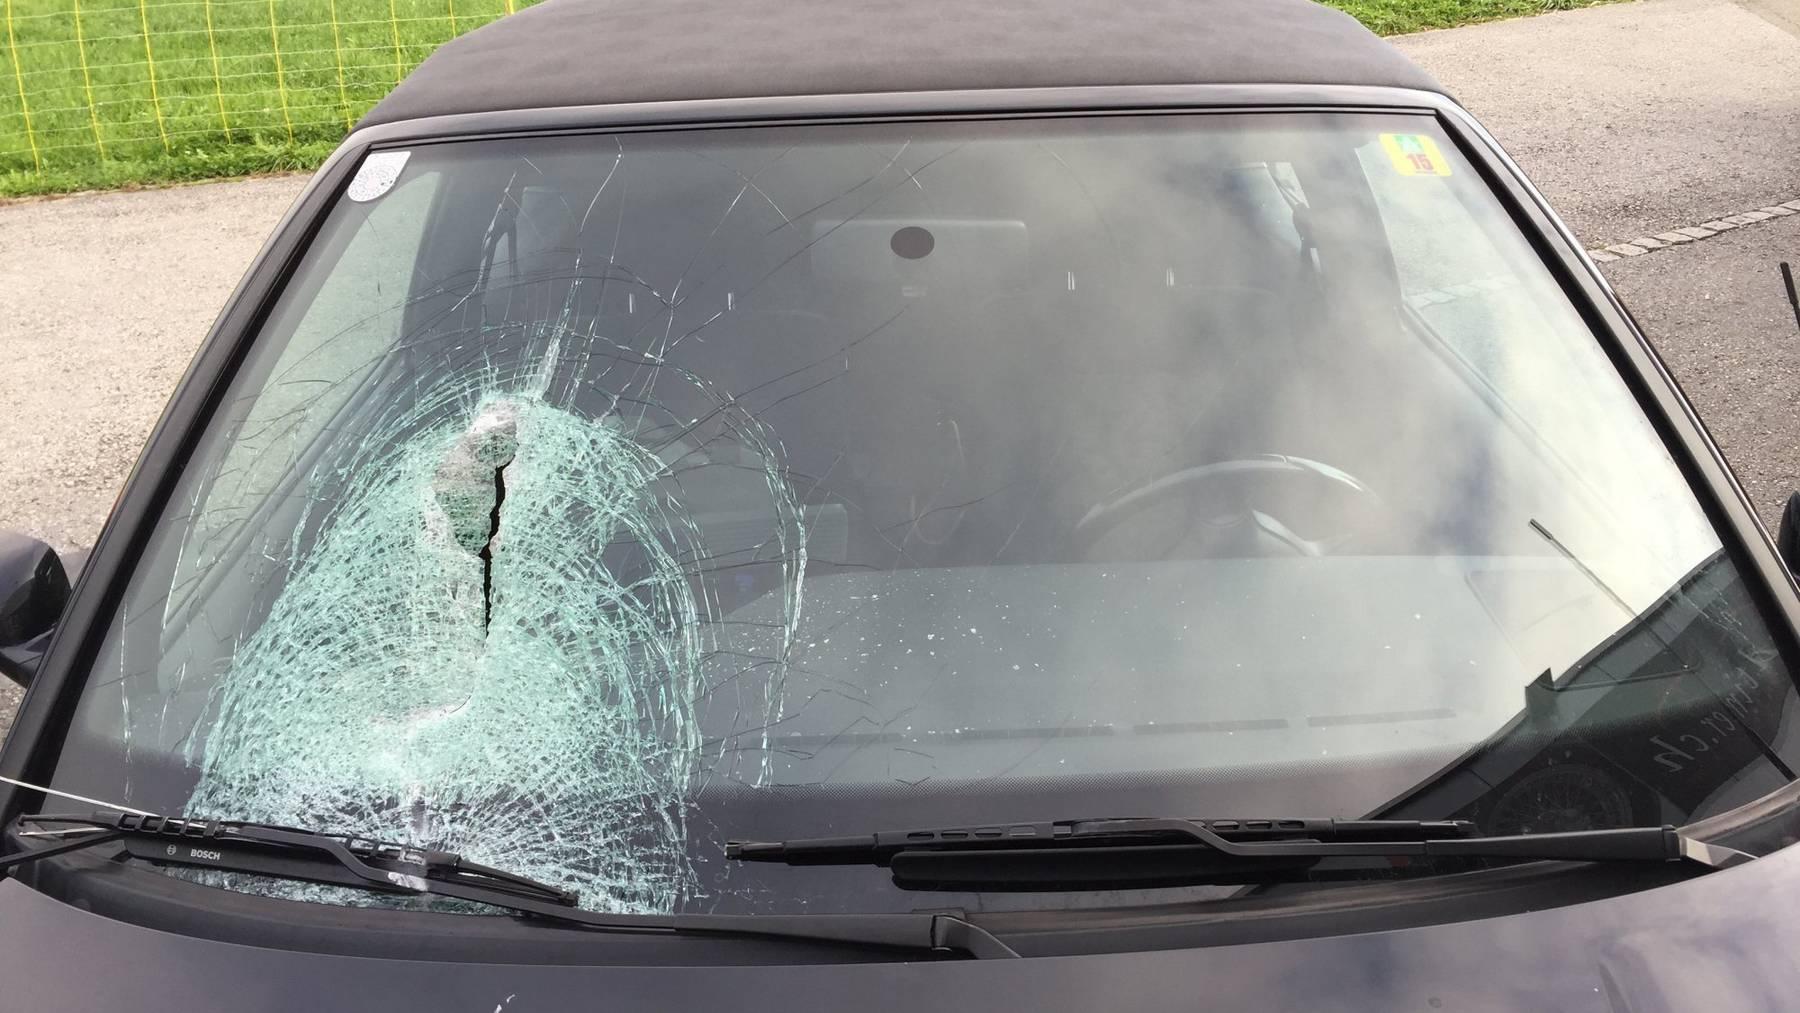 Eines der beiden beschädigten Autos (KapoSG)